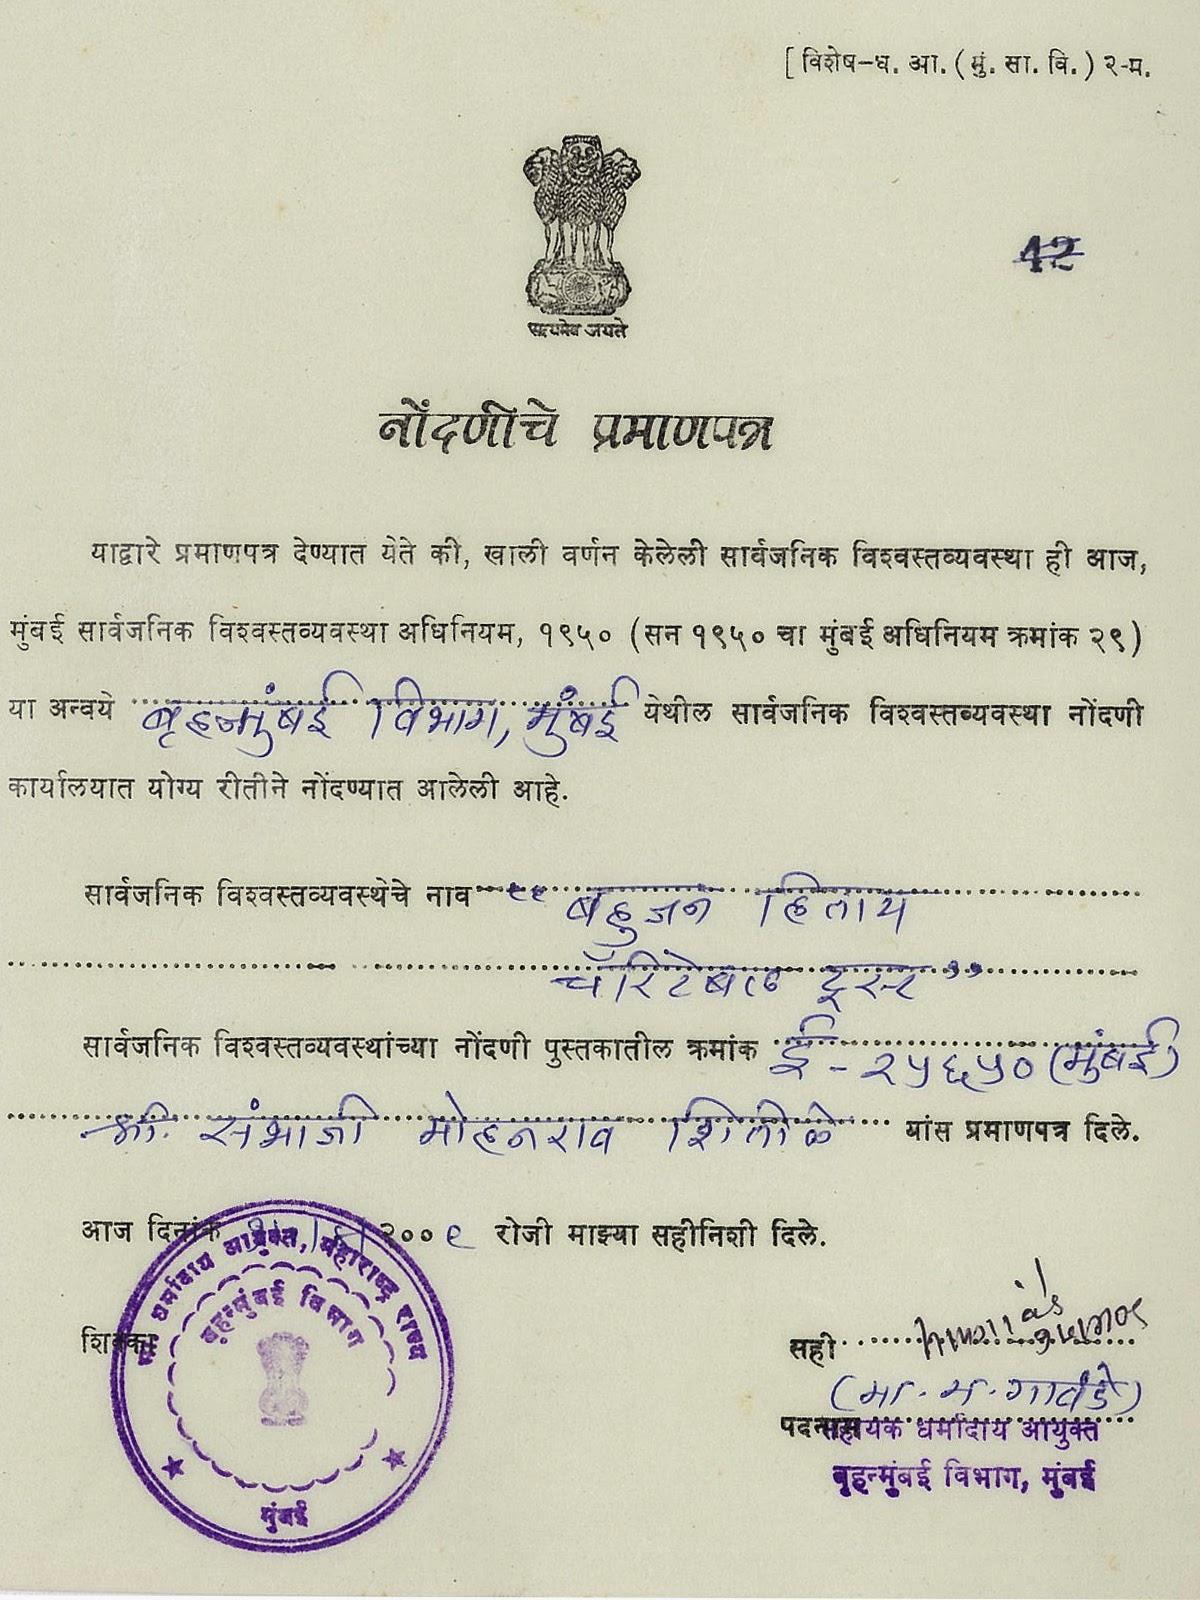 Bahujanhitai charitable trust mumbai registration certificate registration certificate registration certificate of bahujanhitai charitable trust 1betcityfo Images